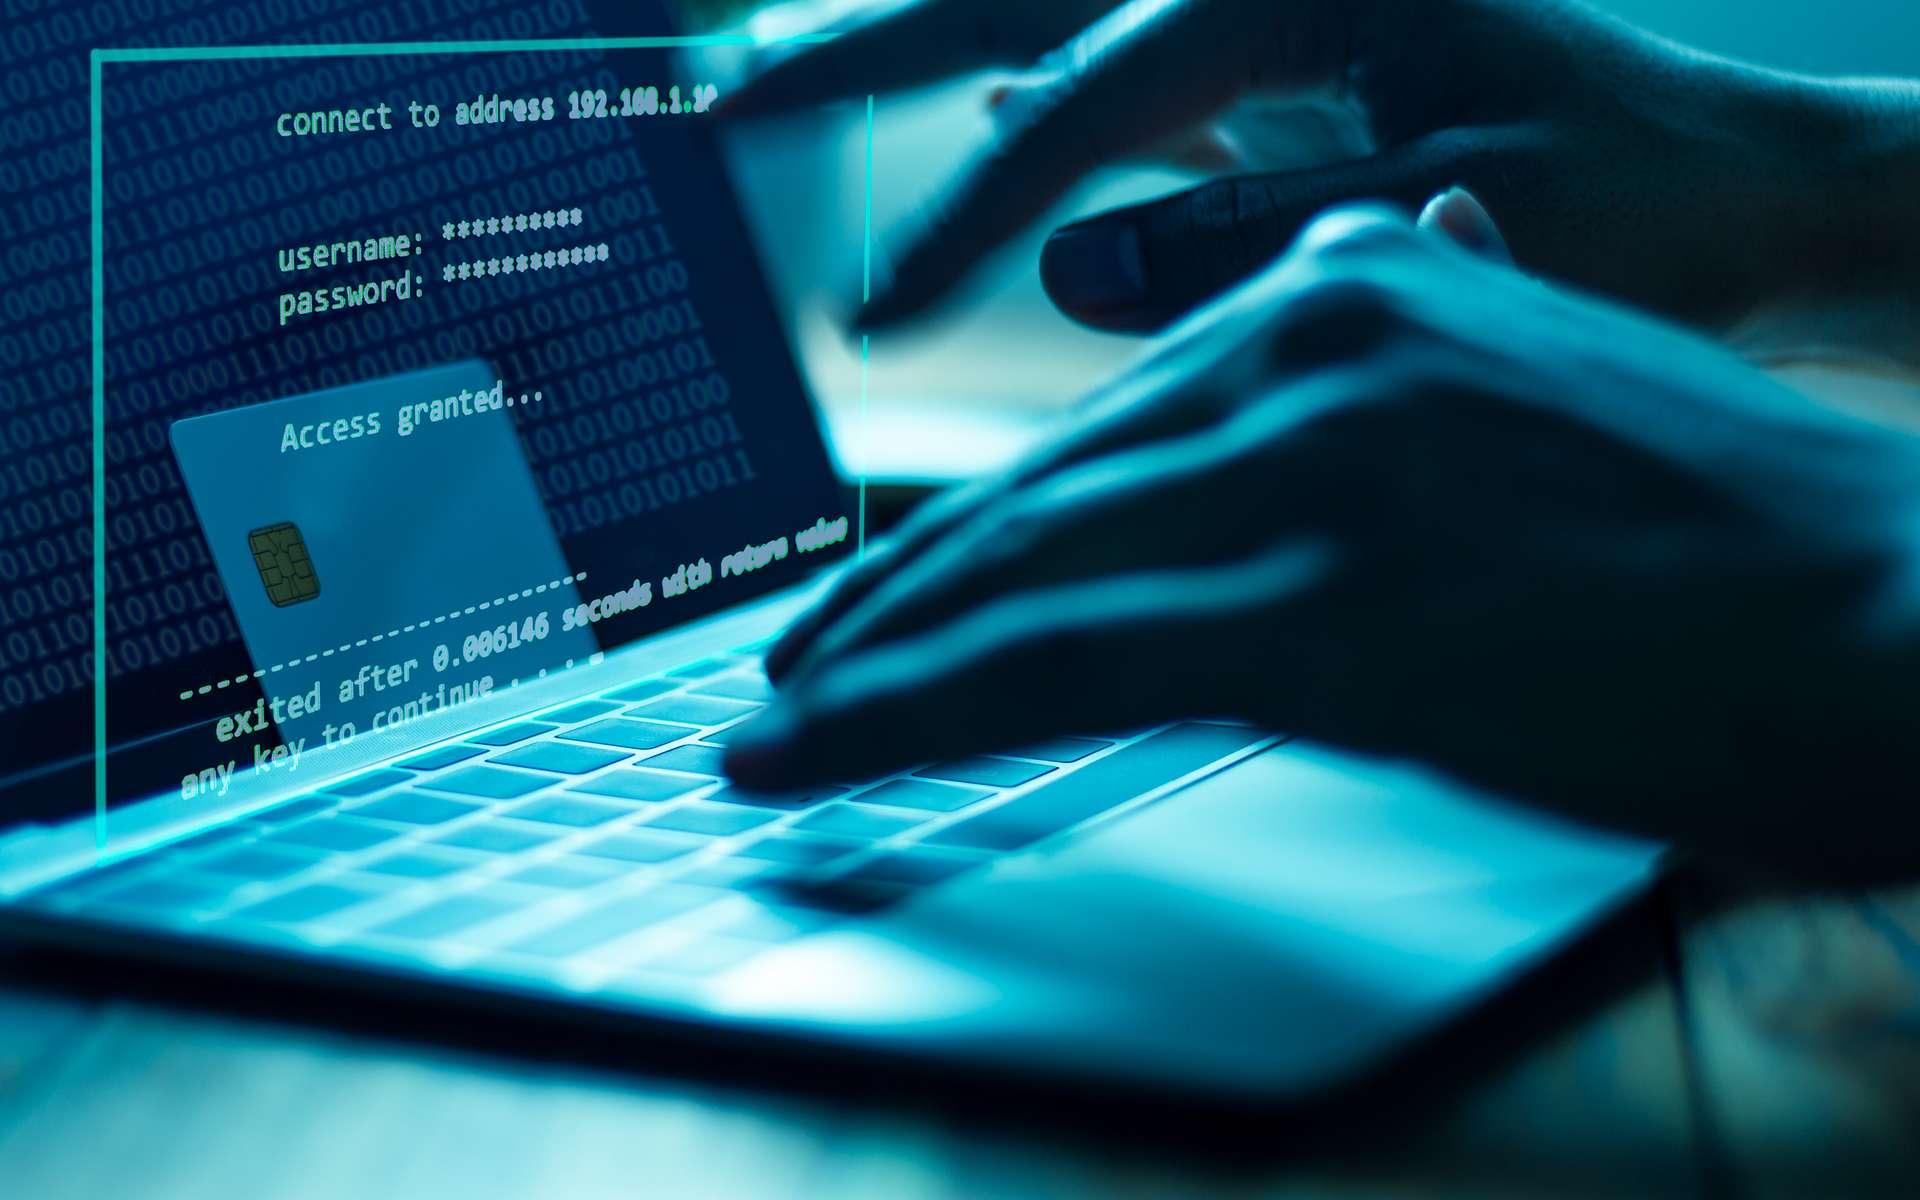 Les données personnelles de près de 40 millions de Français se retrouvent en vente sur le dark web. © Jariyawat Thinsandee, Getty Images